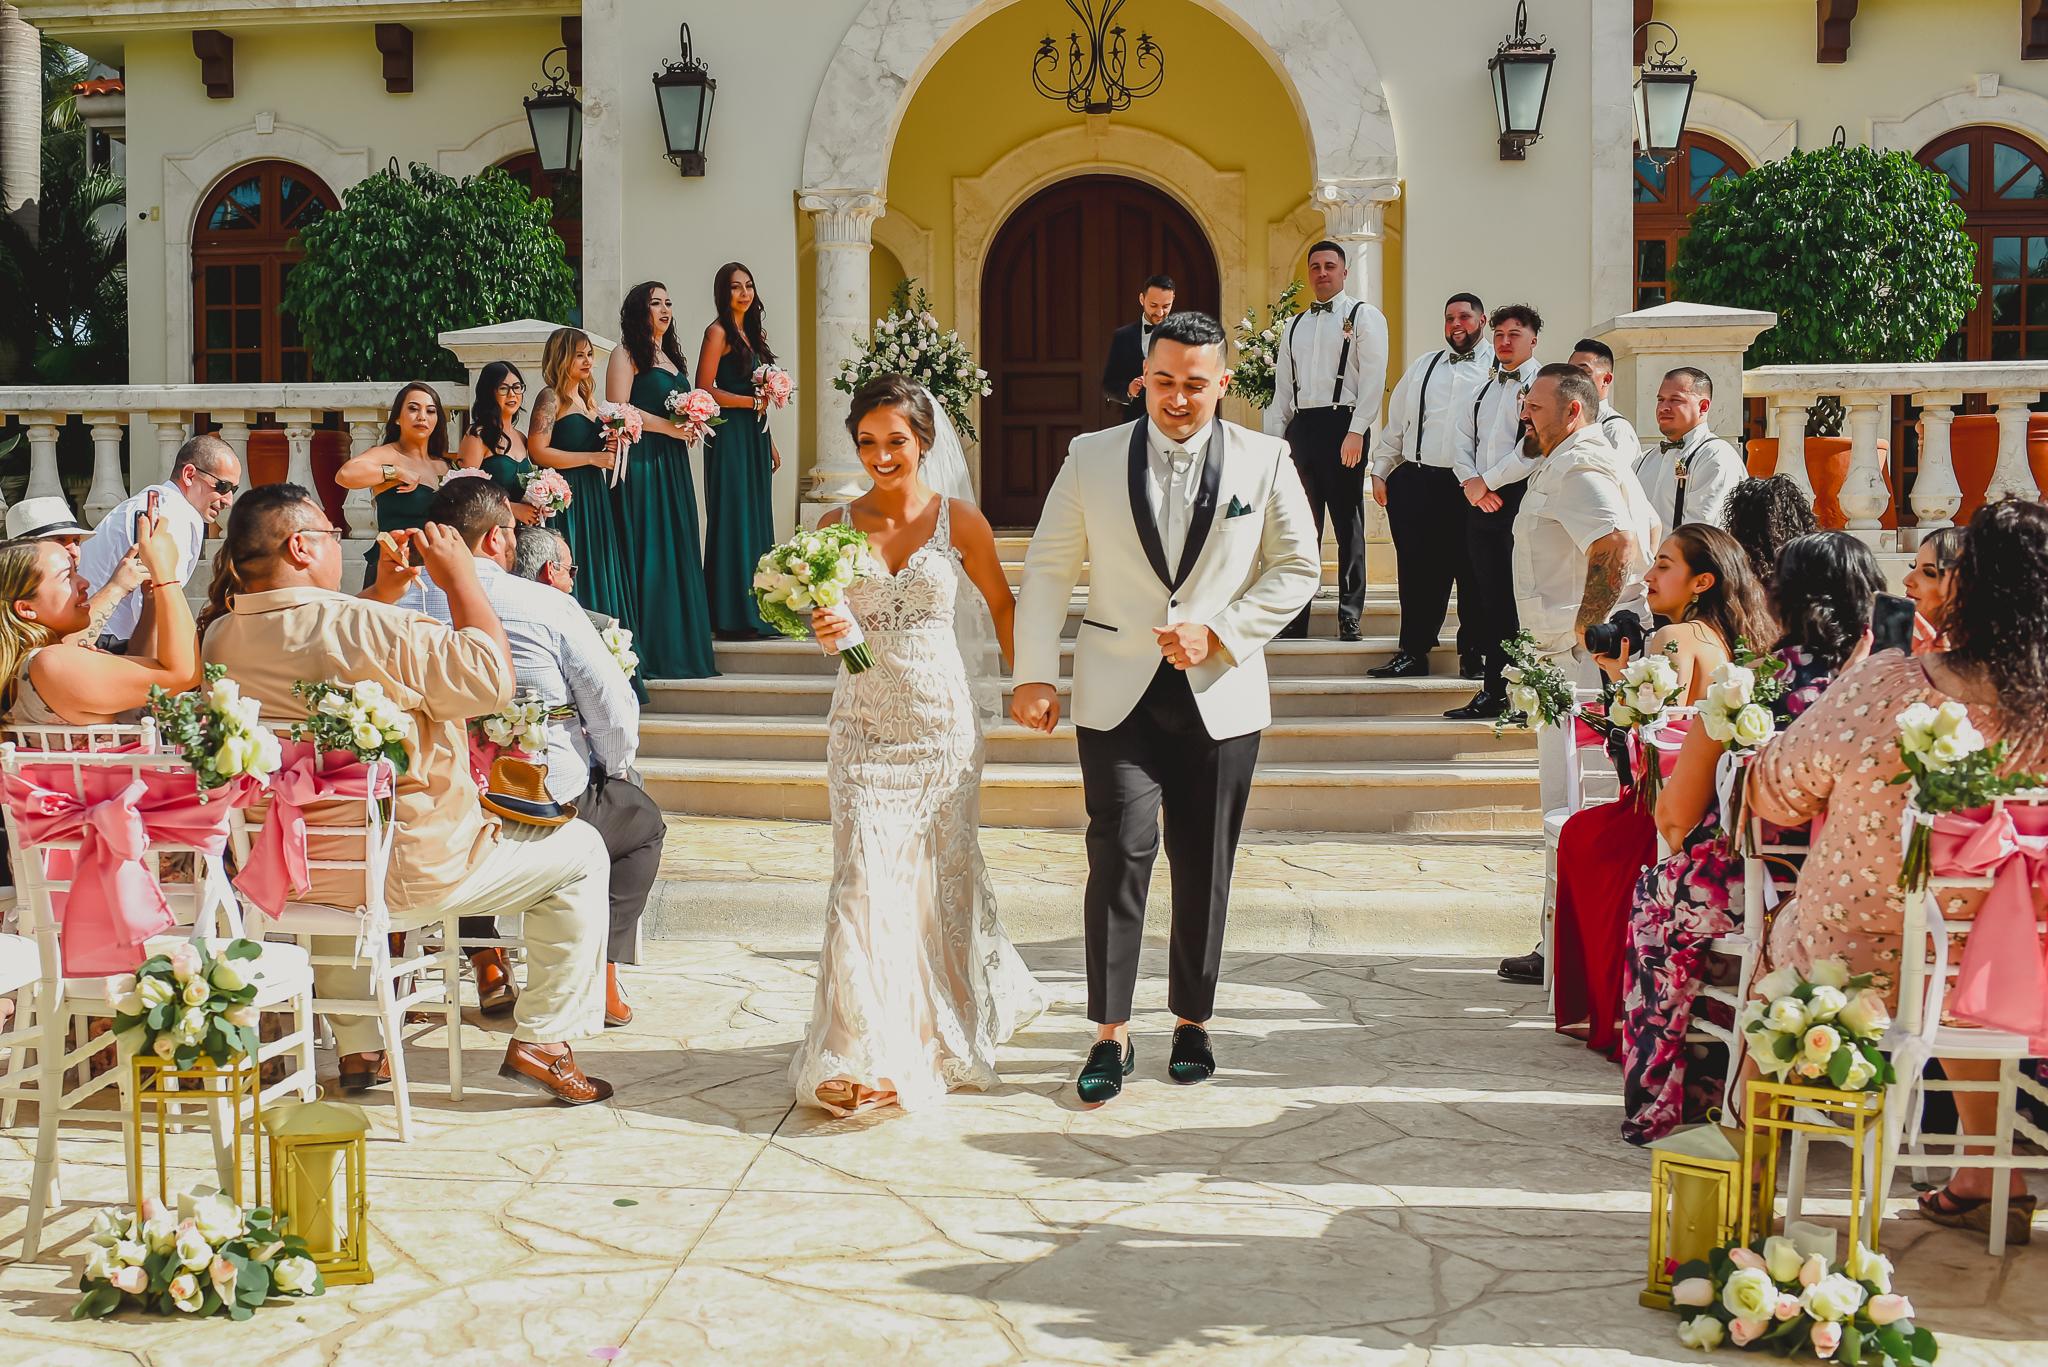 Villa la joya Wedding